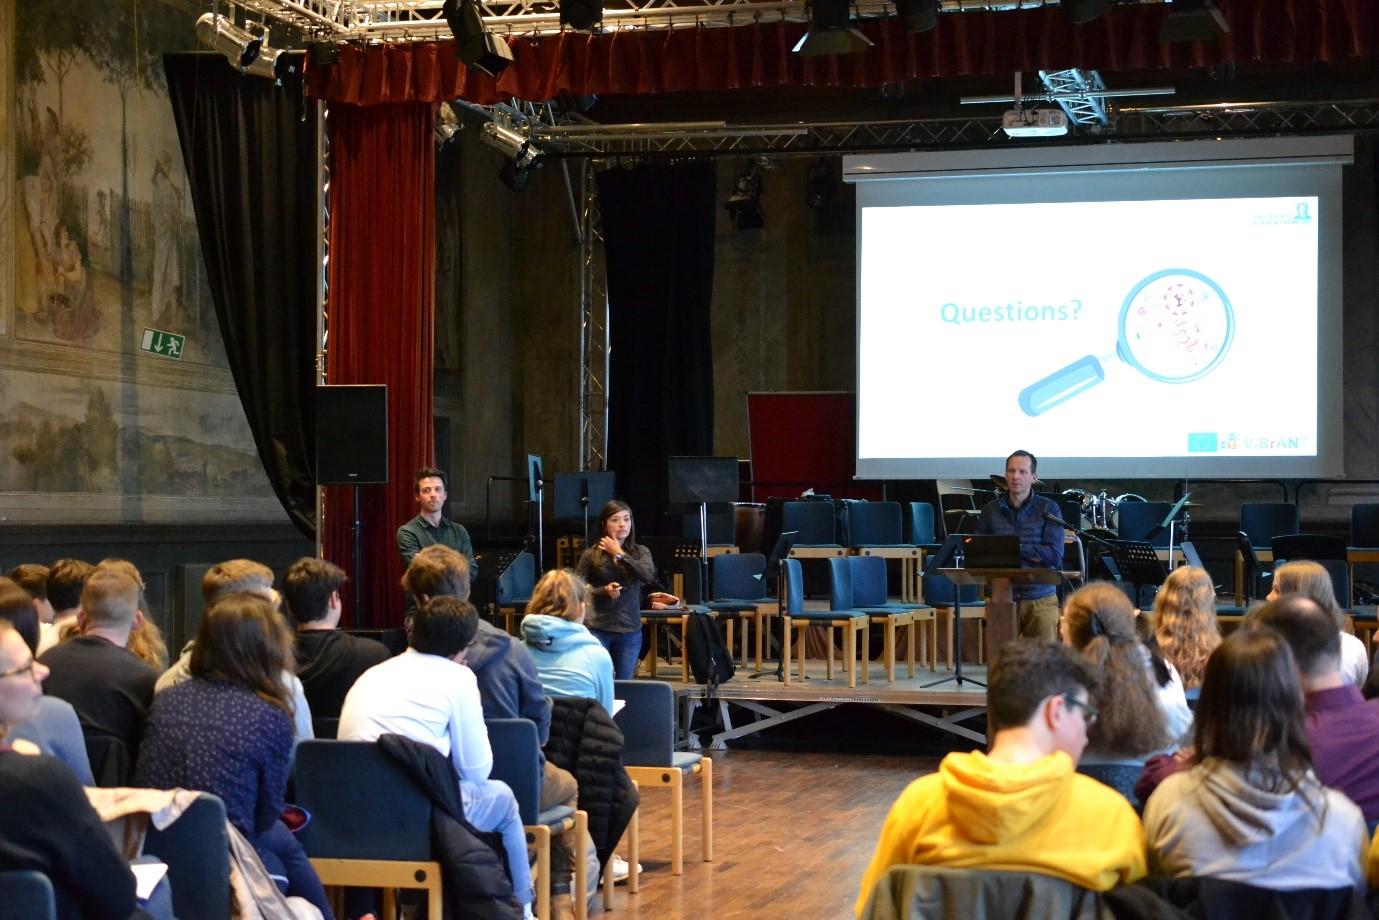 Figuur 2. Voorstelling van mijn onderzoeksproject aan laatstejaarsstudenten in een Duitse middelbare school.